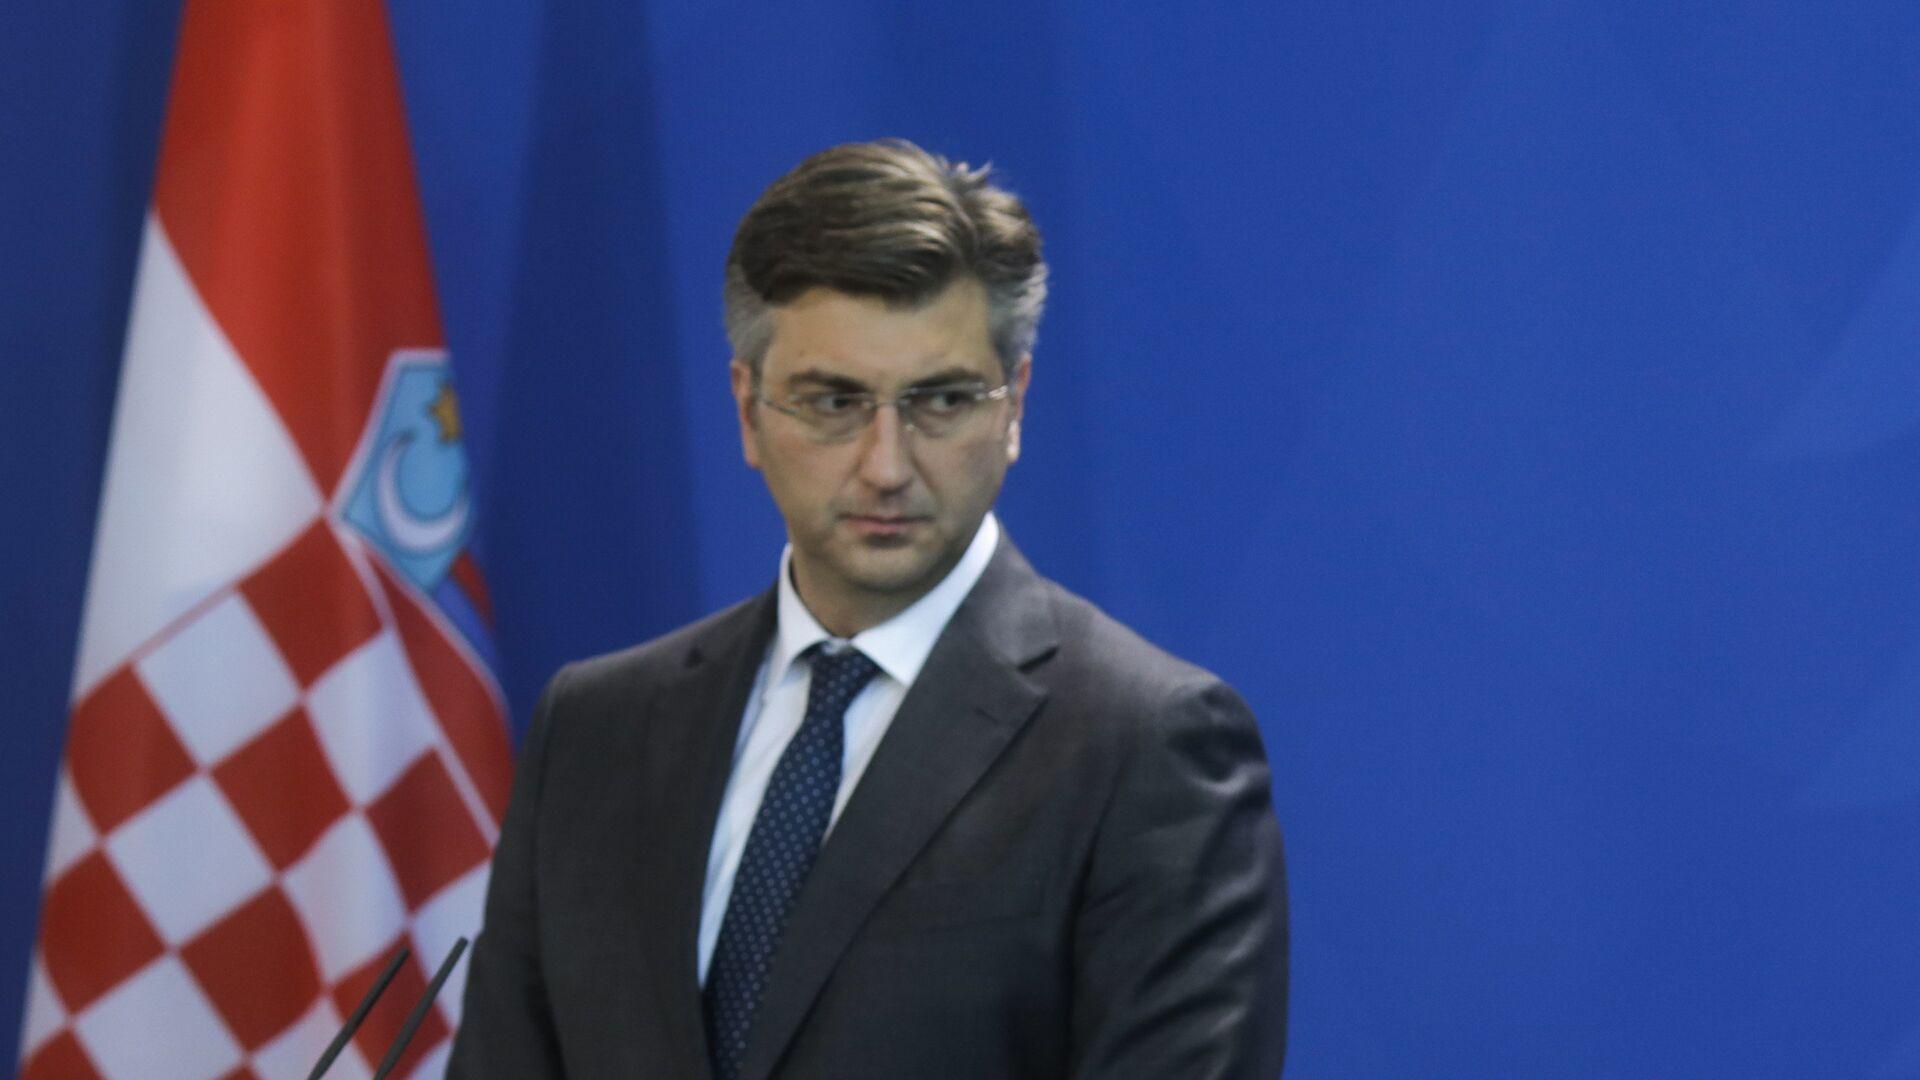 Андреј Пленковић - Sputnik Србија, 1920, 22.06.2021